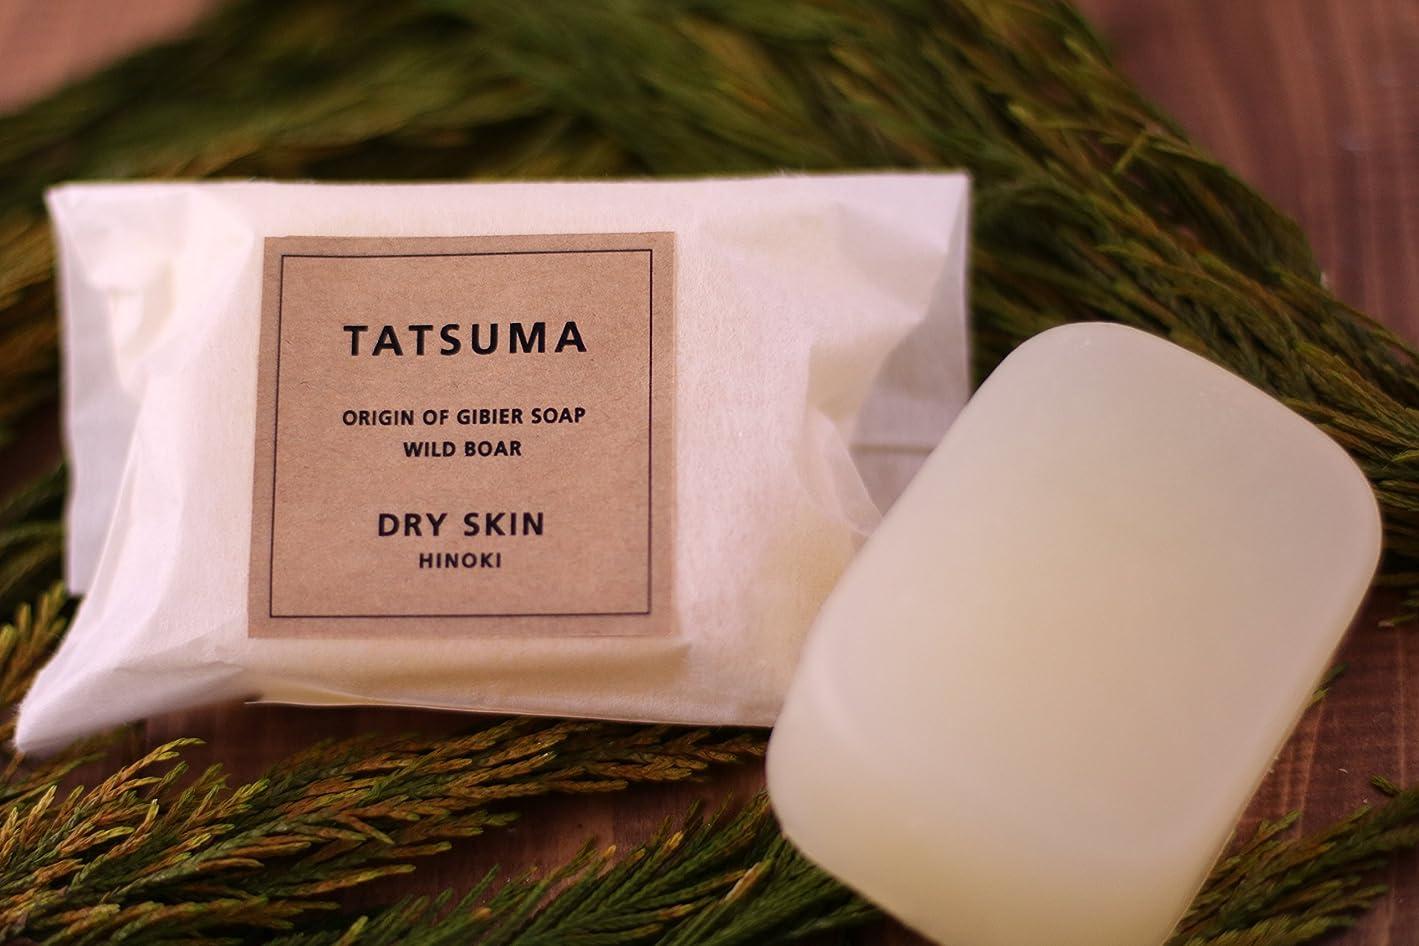 ピストン自宅でマキシム化粧石鹸(IC-3) 枠練り/釜焚き製法 | TATSUMA DRY SKIN HINOKI